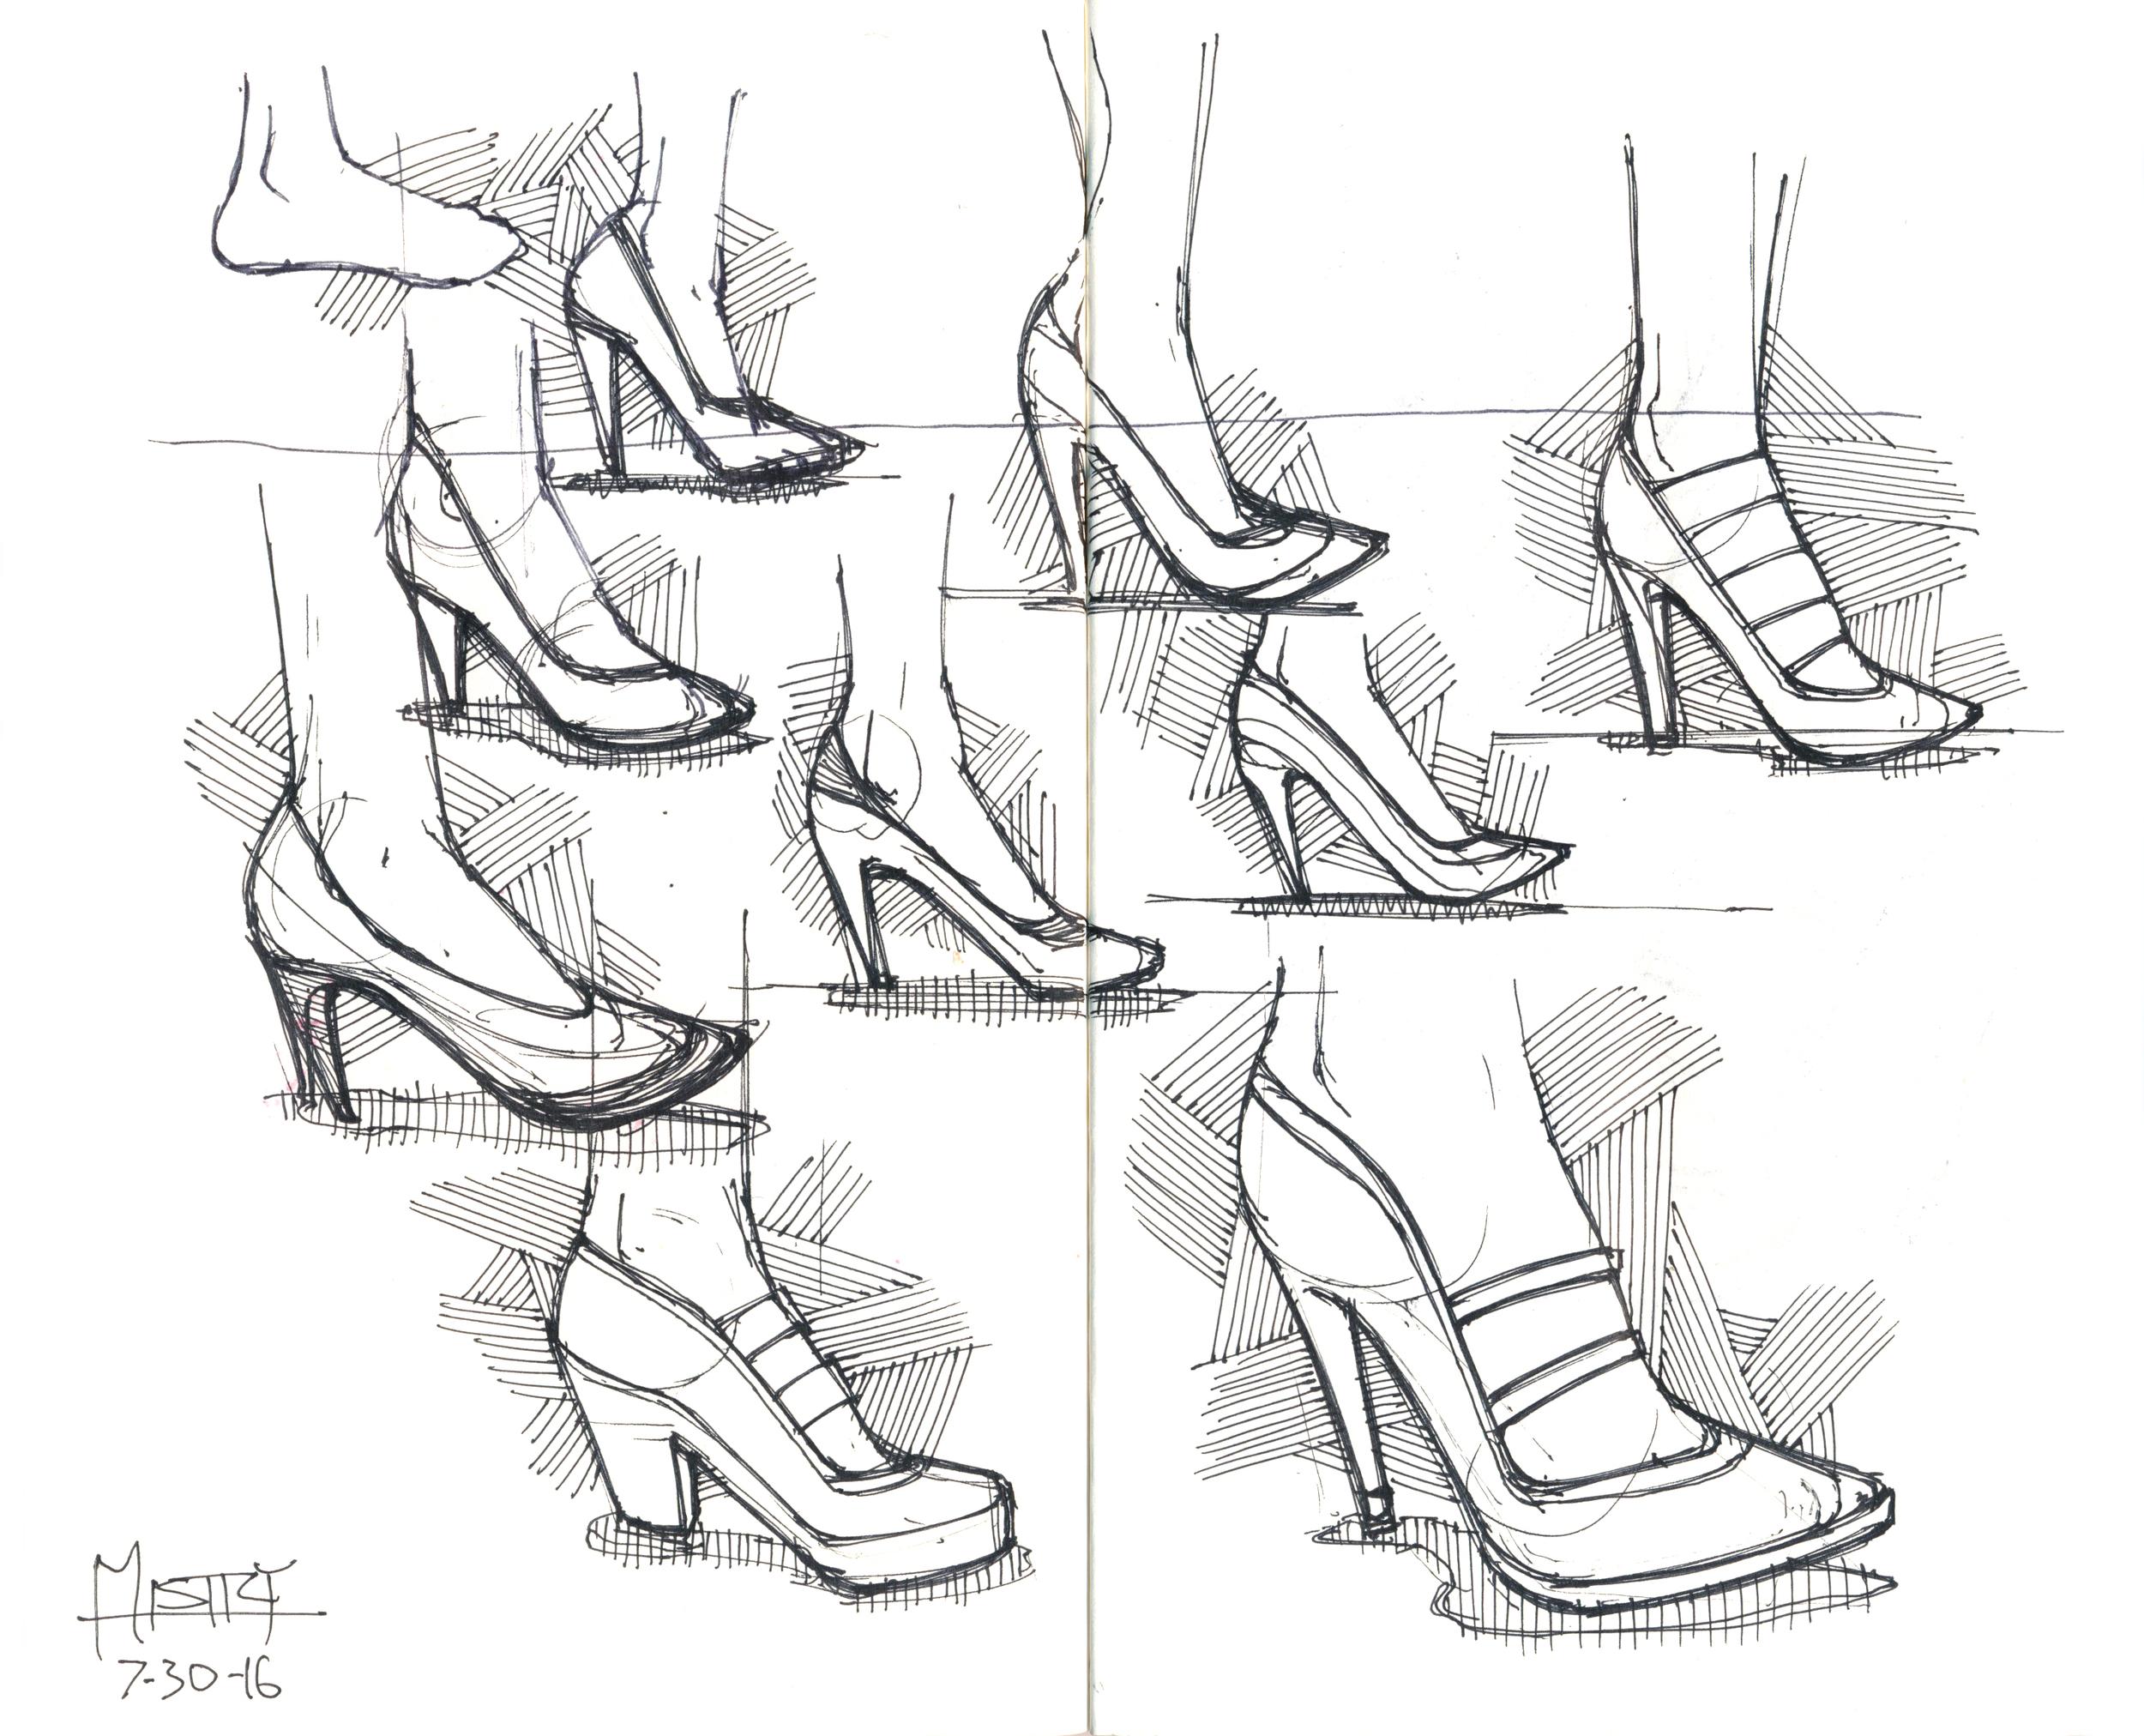 1_Heels sketches.jpg